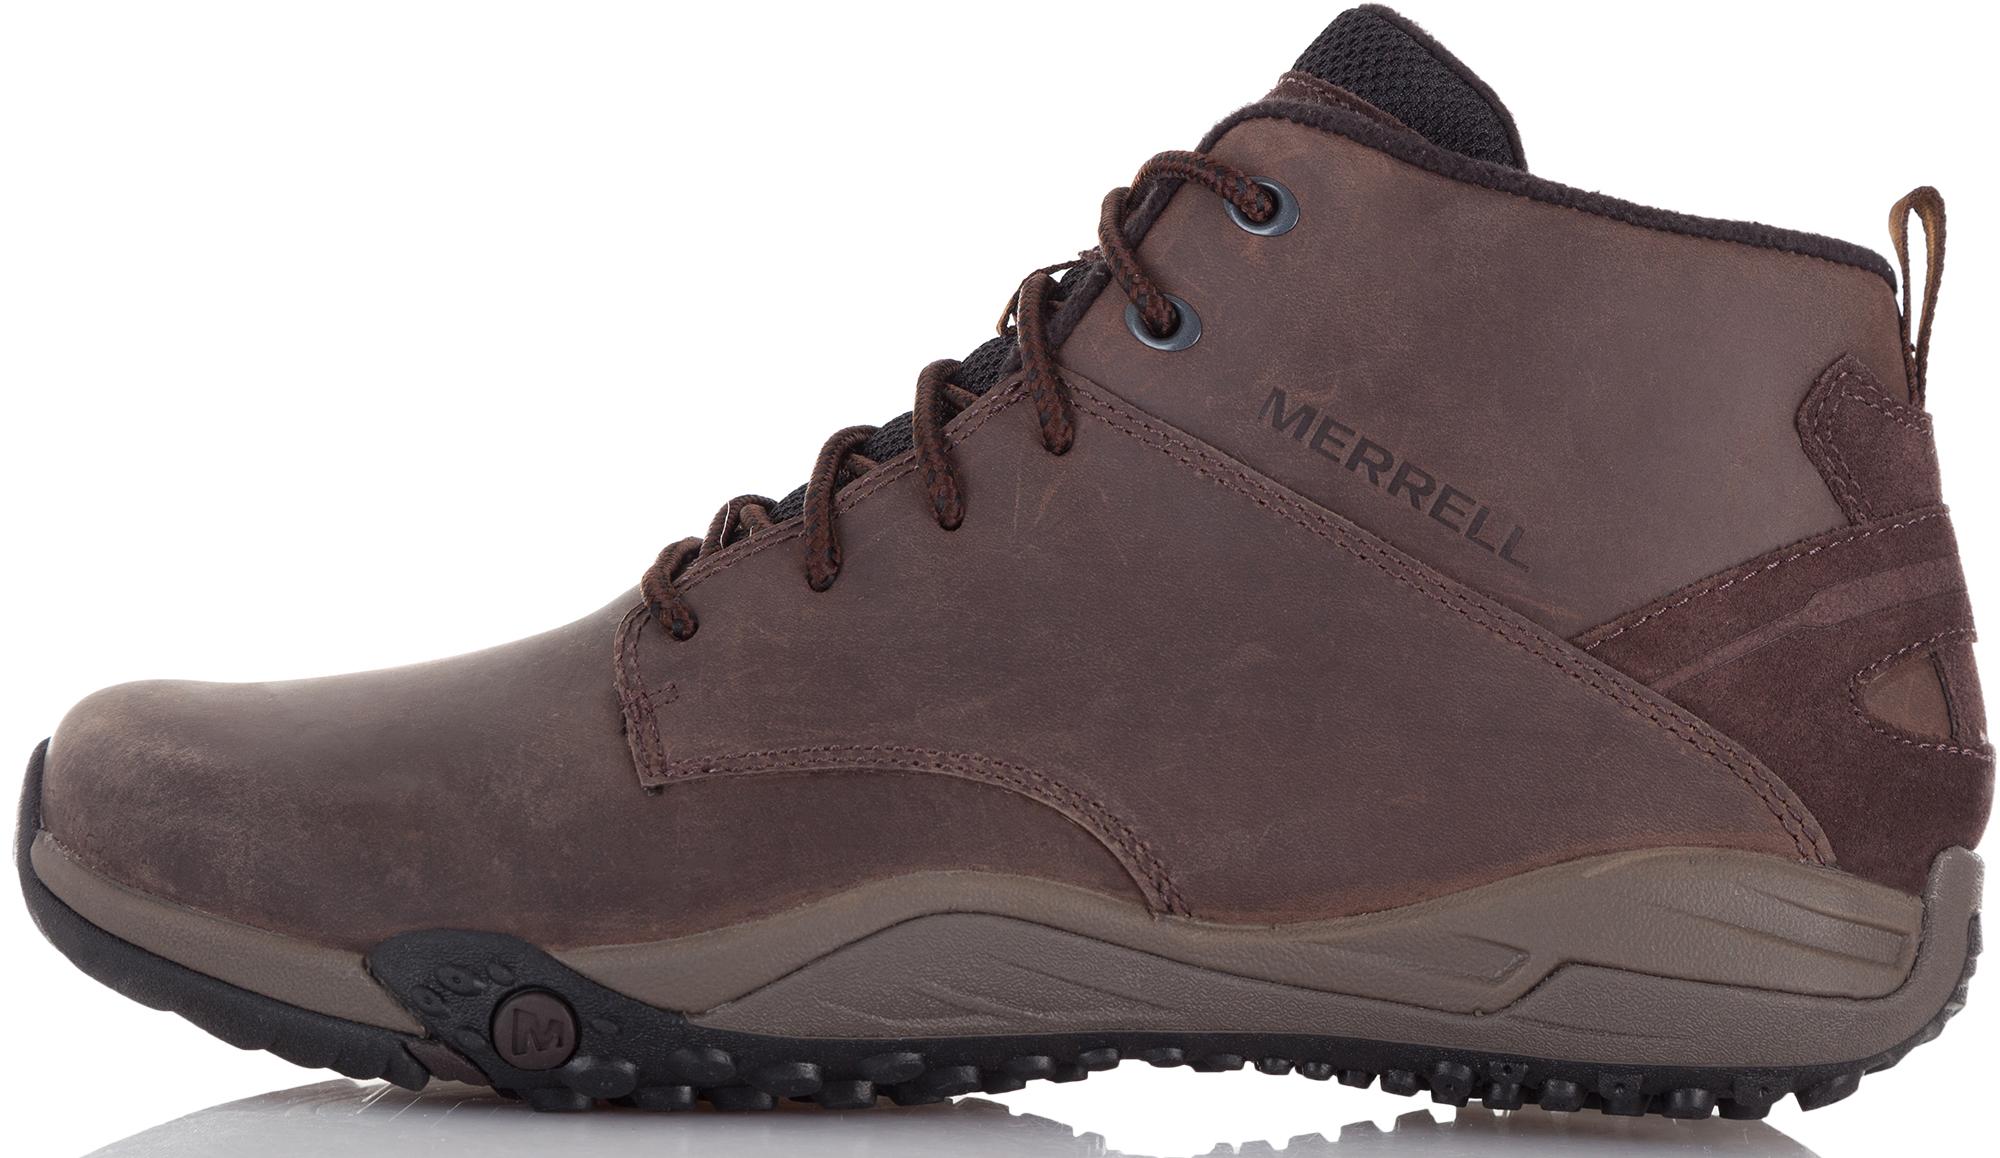 Merrell Ботинки утепленные мужские Helixer Morph Frost, размер 46